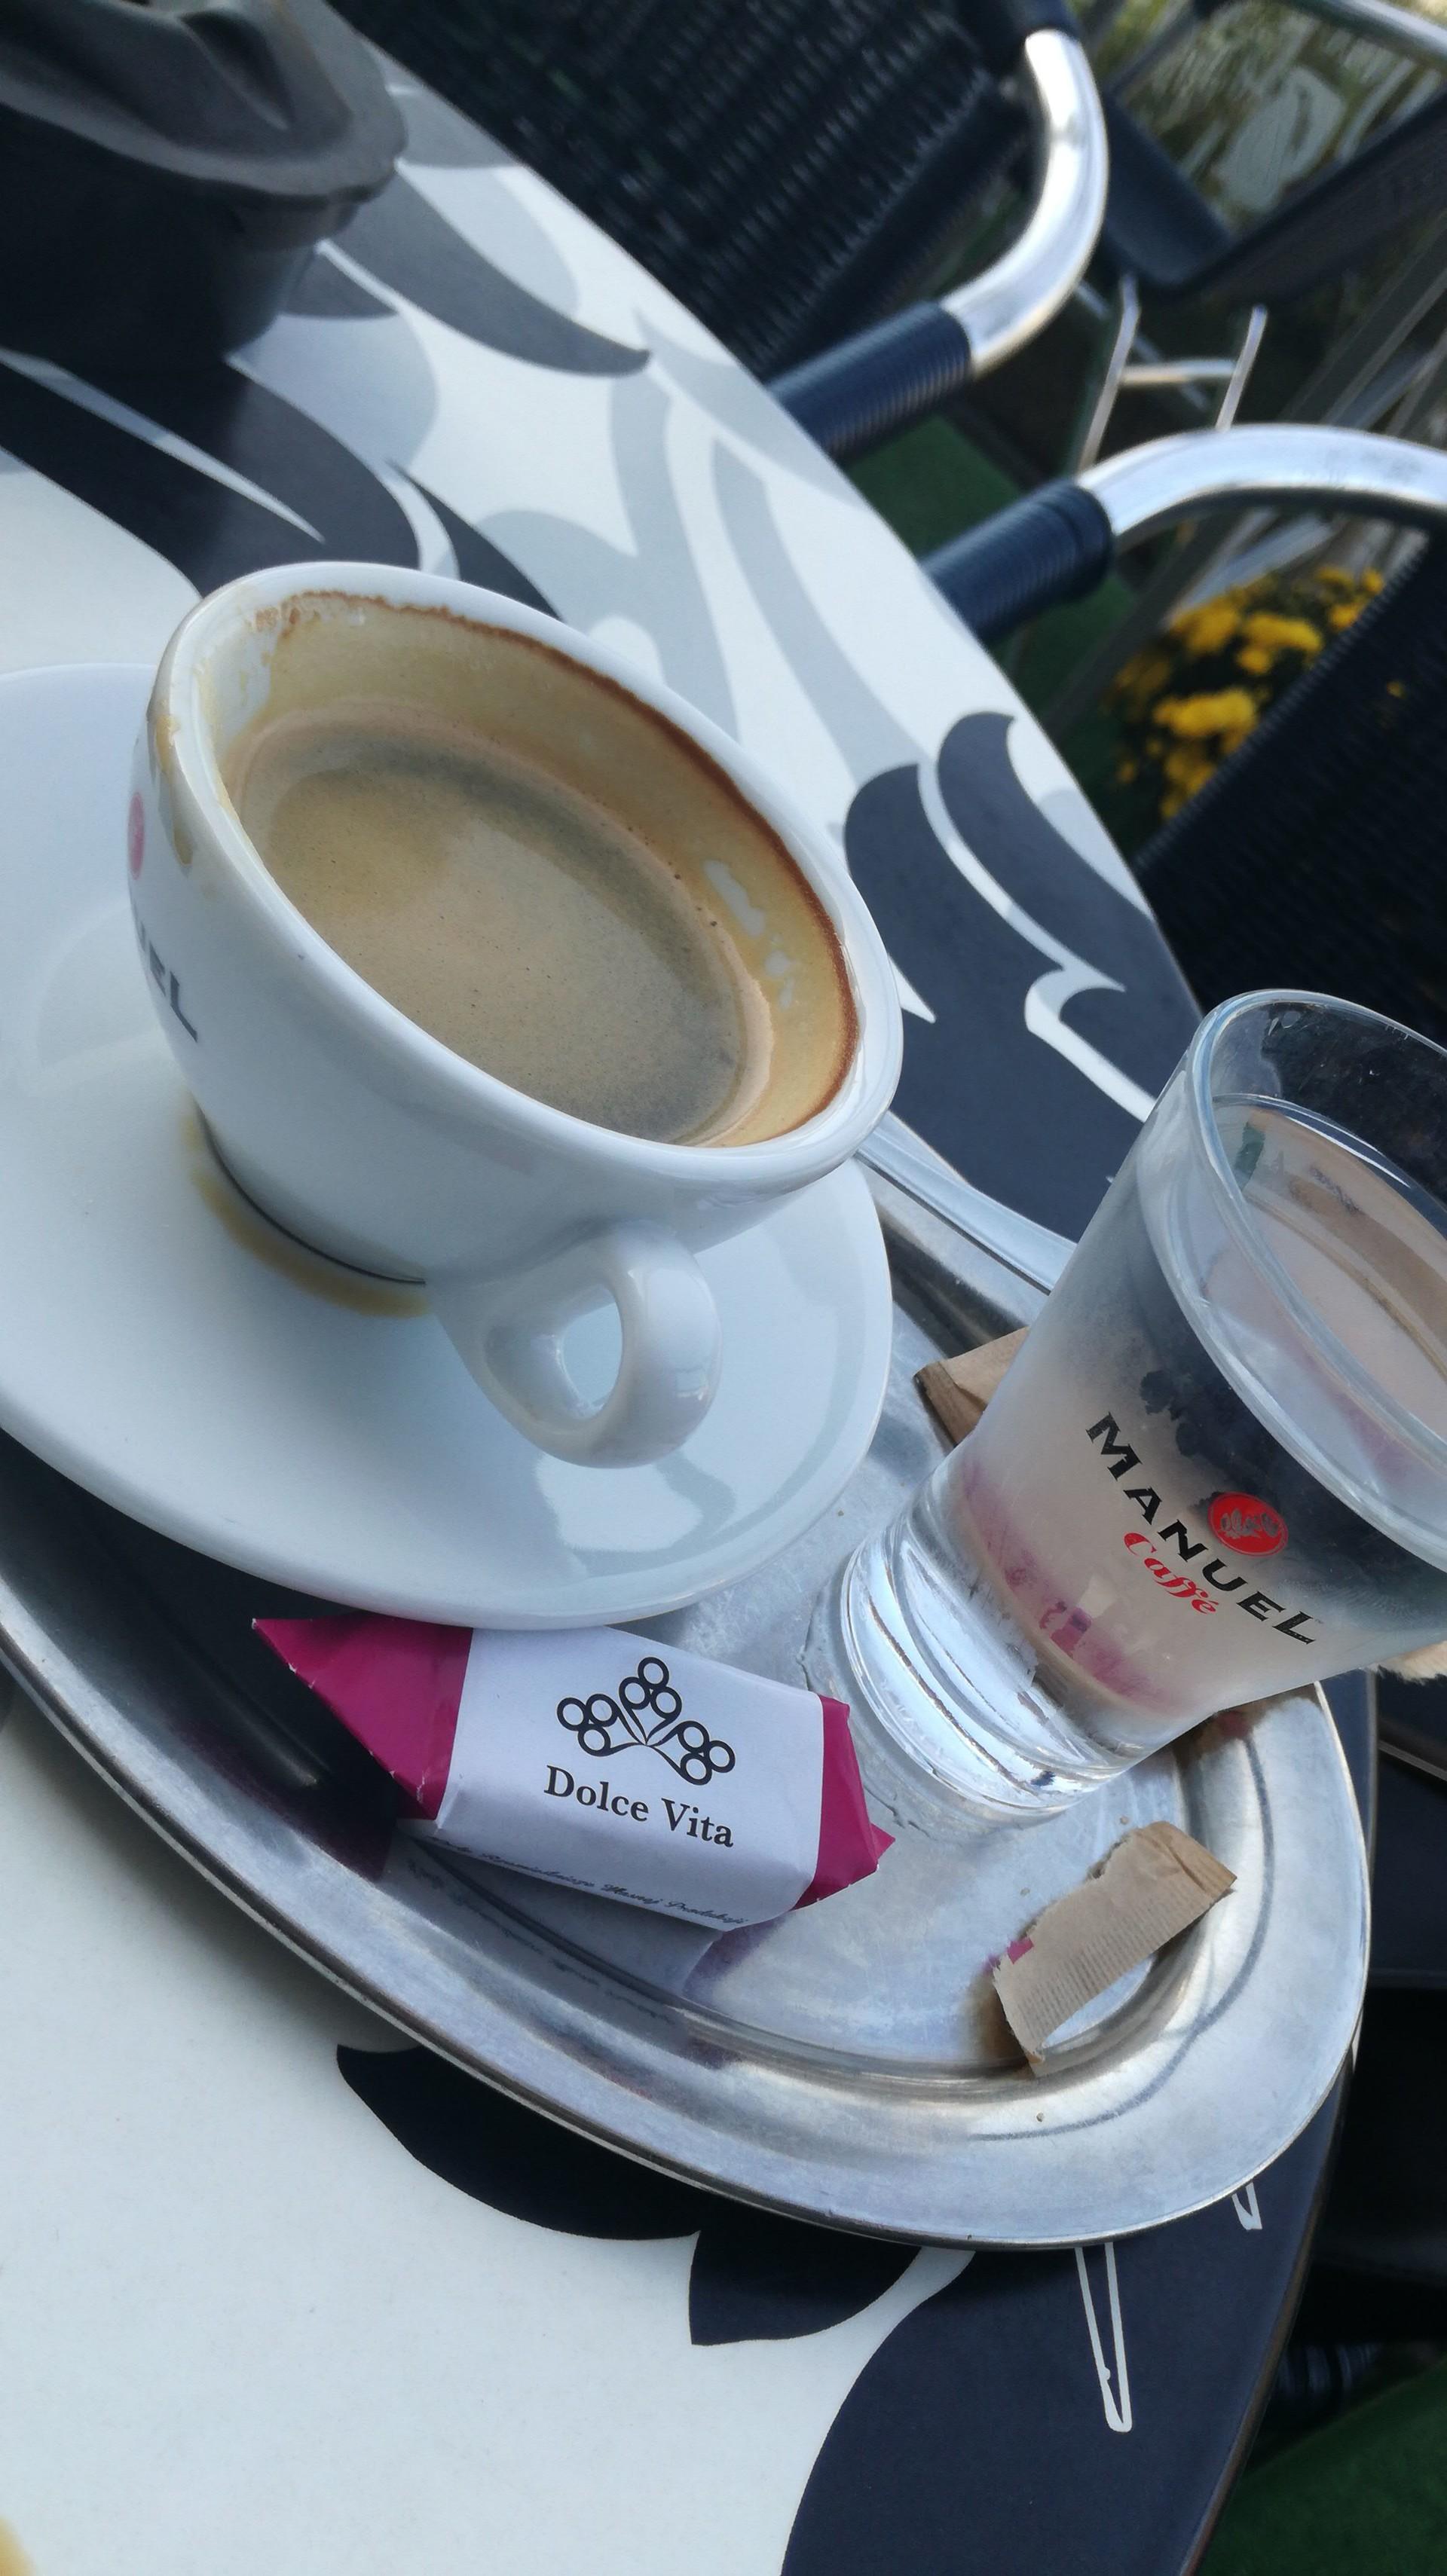 dolce-vita-cafe-a-melhor-esplanada-de-op